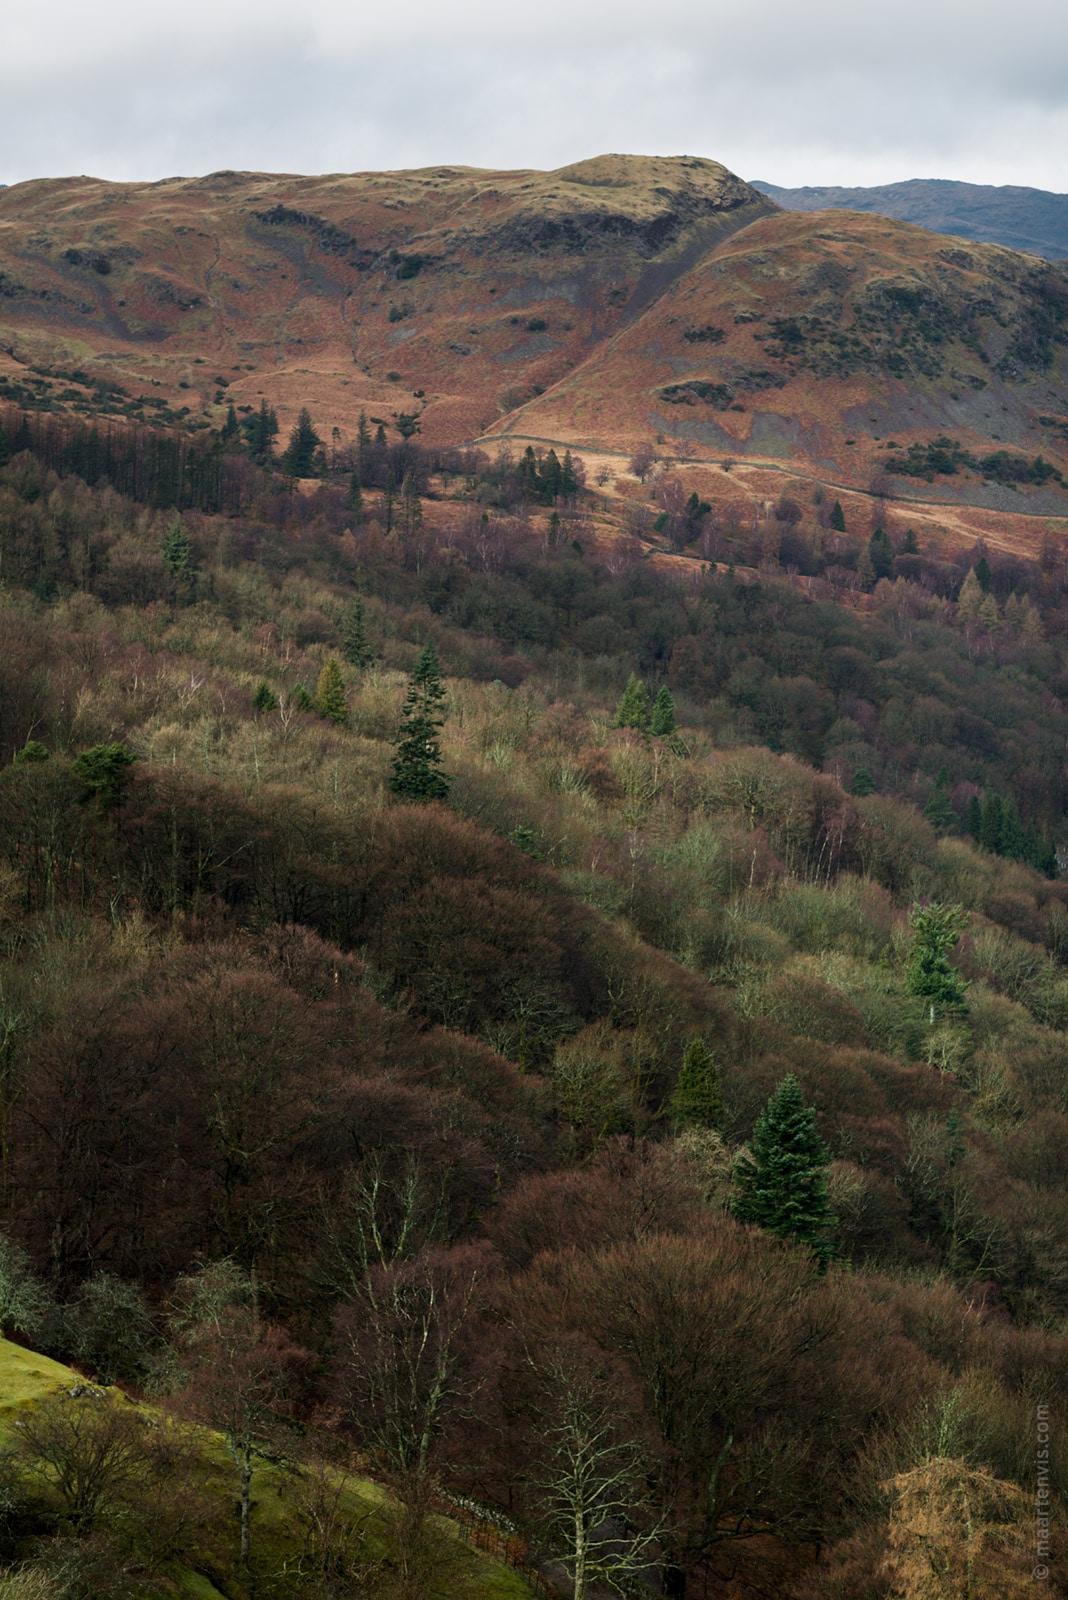 20160327 8702 - Lake District Hiking